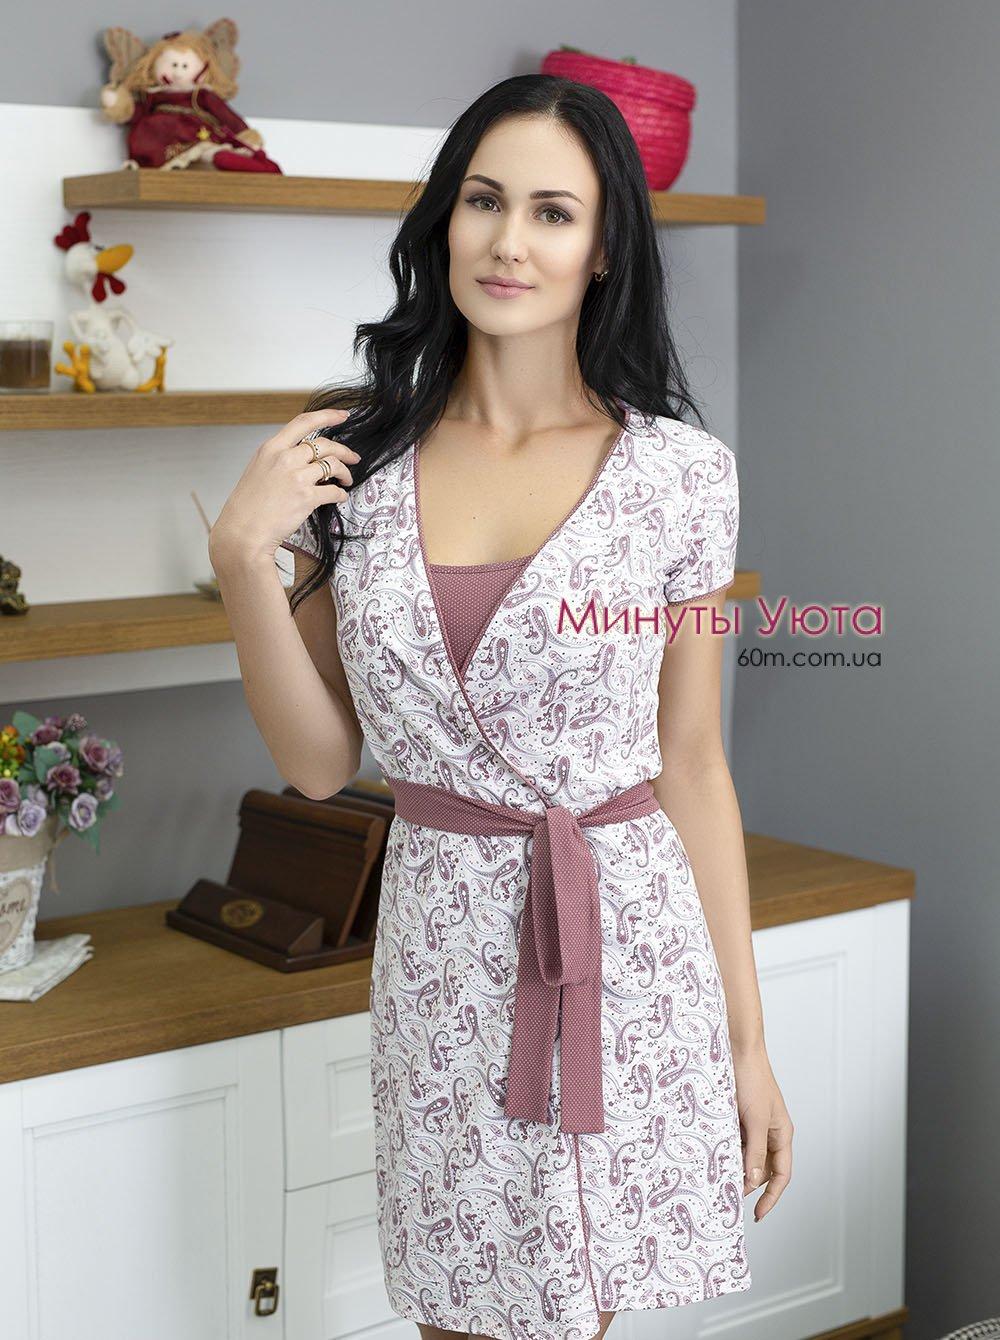 d8af8e01e9a5 Белый халат трикотажный женский купить в Харькове (Роксана, хлопок+ ...